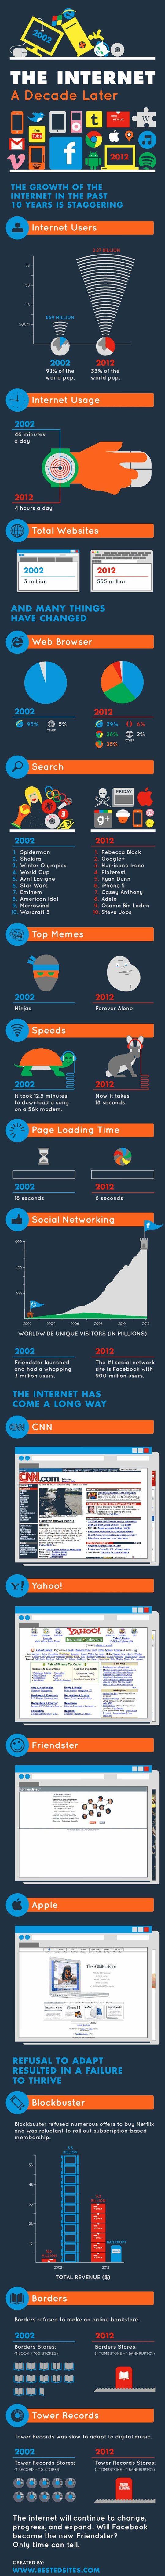 Antes y después: así era internet en 2002 y en 2012 #infografía